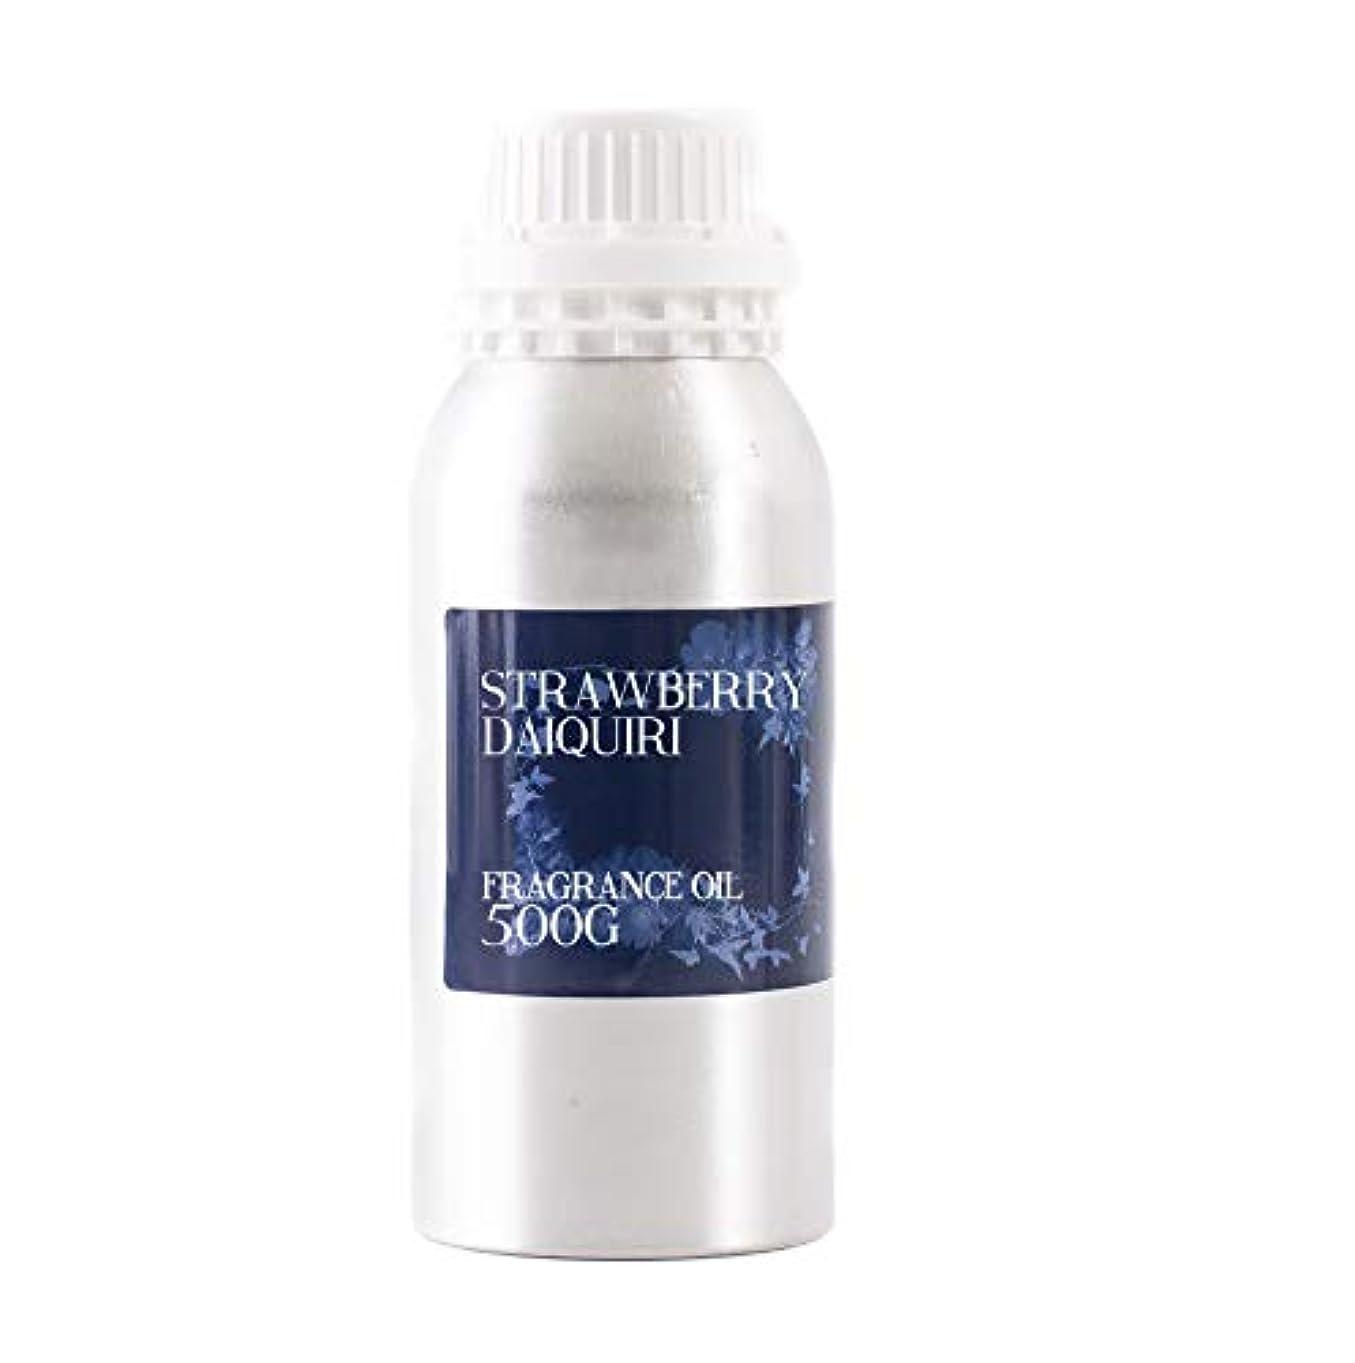 混乱アパル類推Mystic Moments | Strawberry Daiquiri Fragrance Oil - 500g